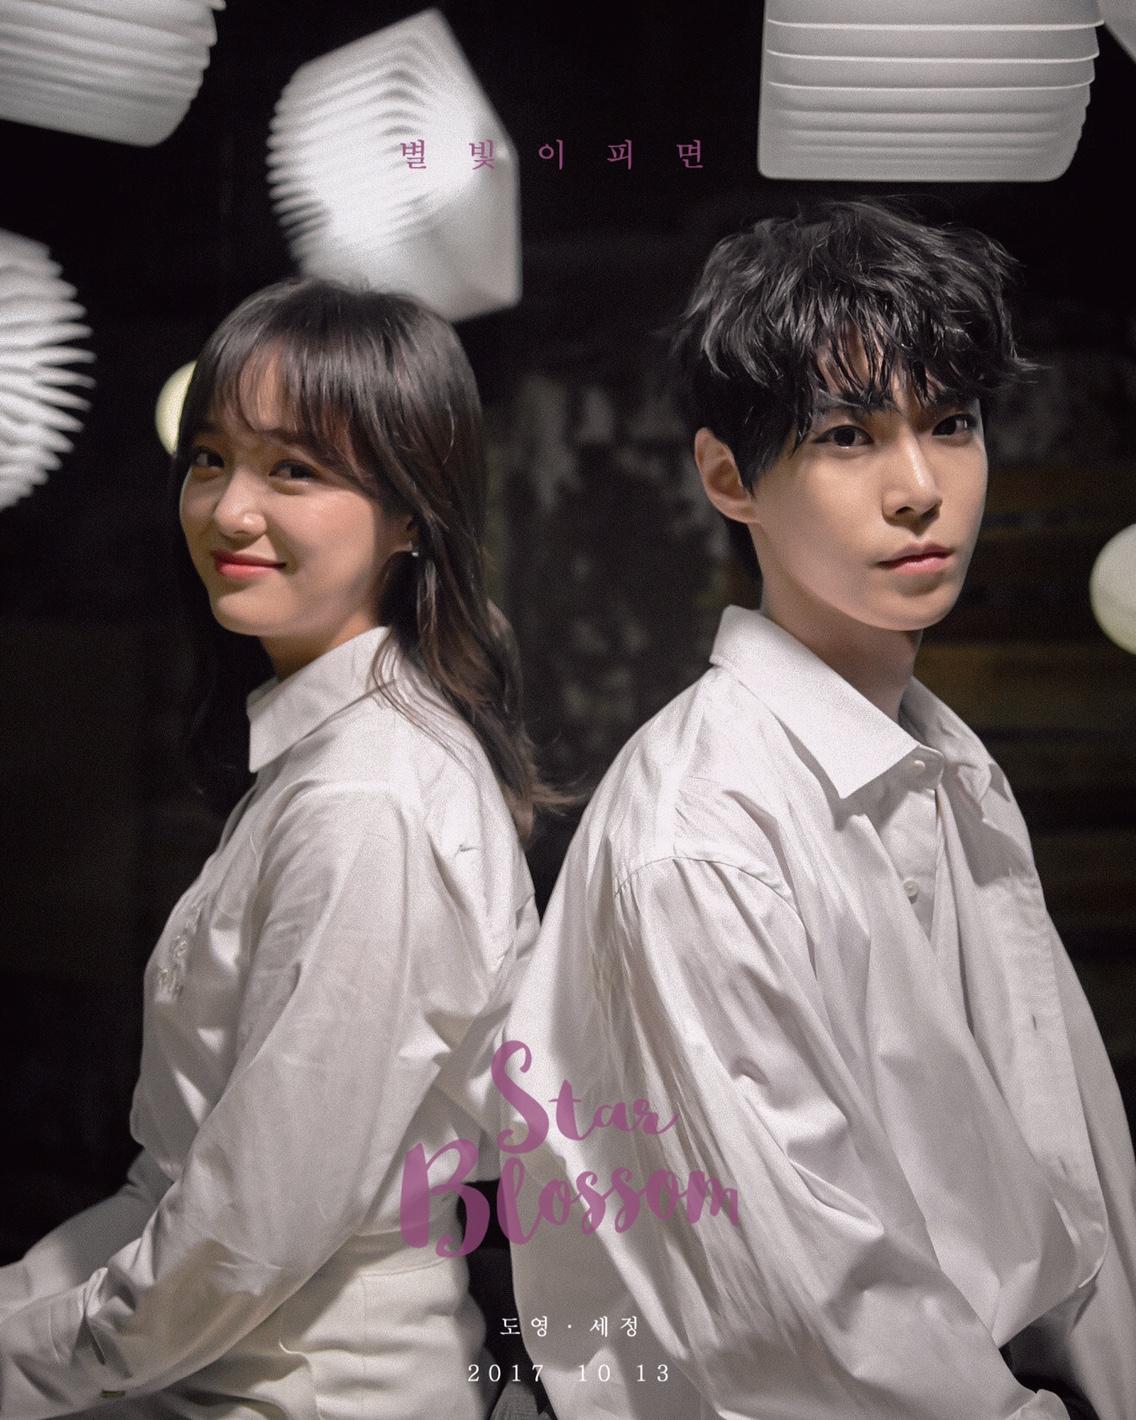 '화제 예감' NCT 도영X구구단 세정, '별빛이 피면' 음원 및 뮤직비디오 동시 공개!